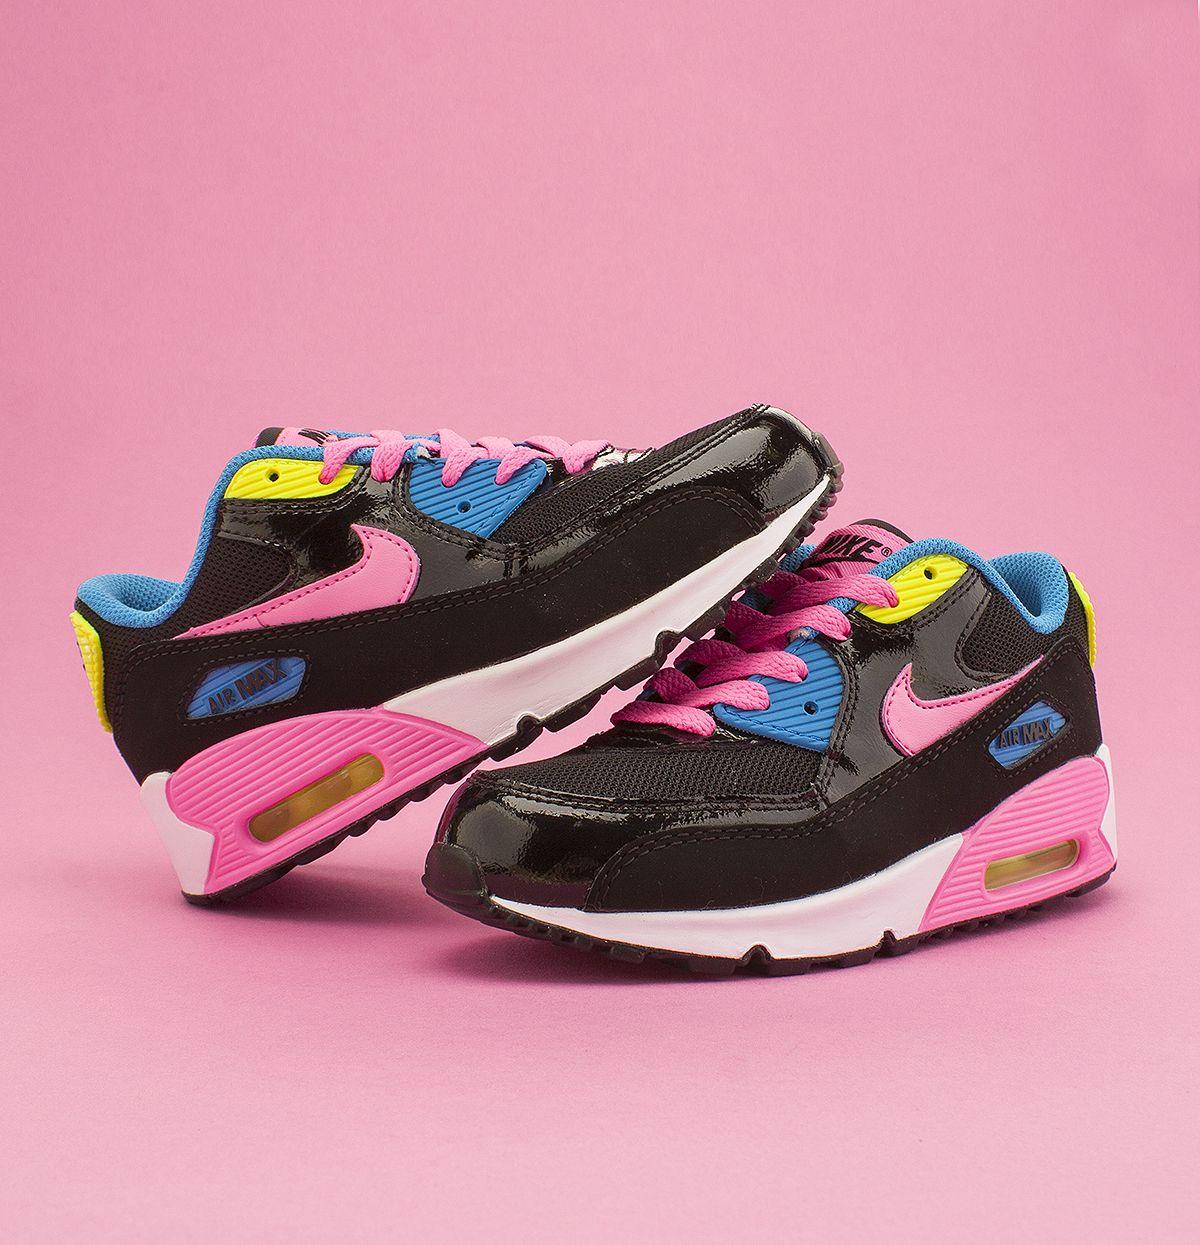 Nike Air Max 2014 (GS) Kid's Shoes